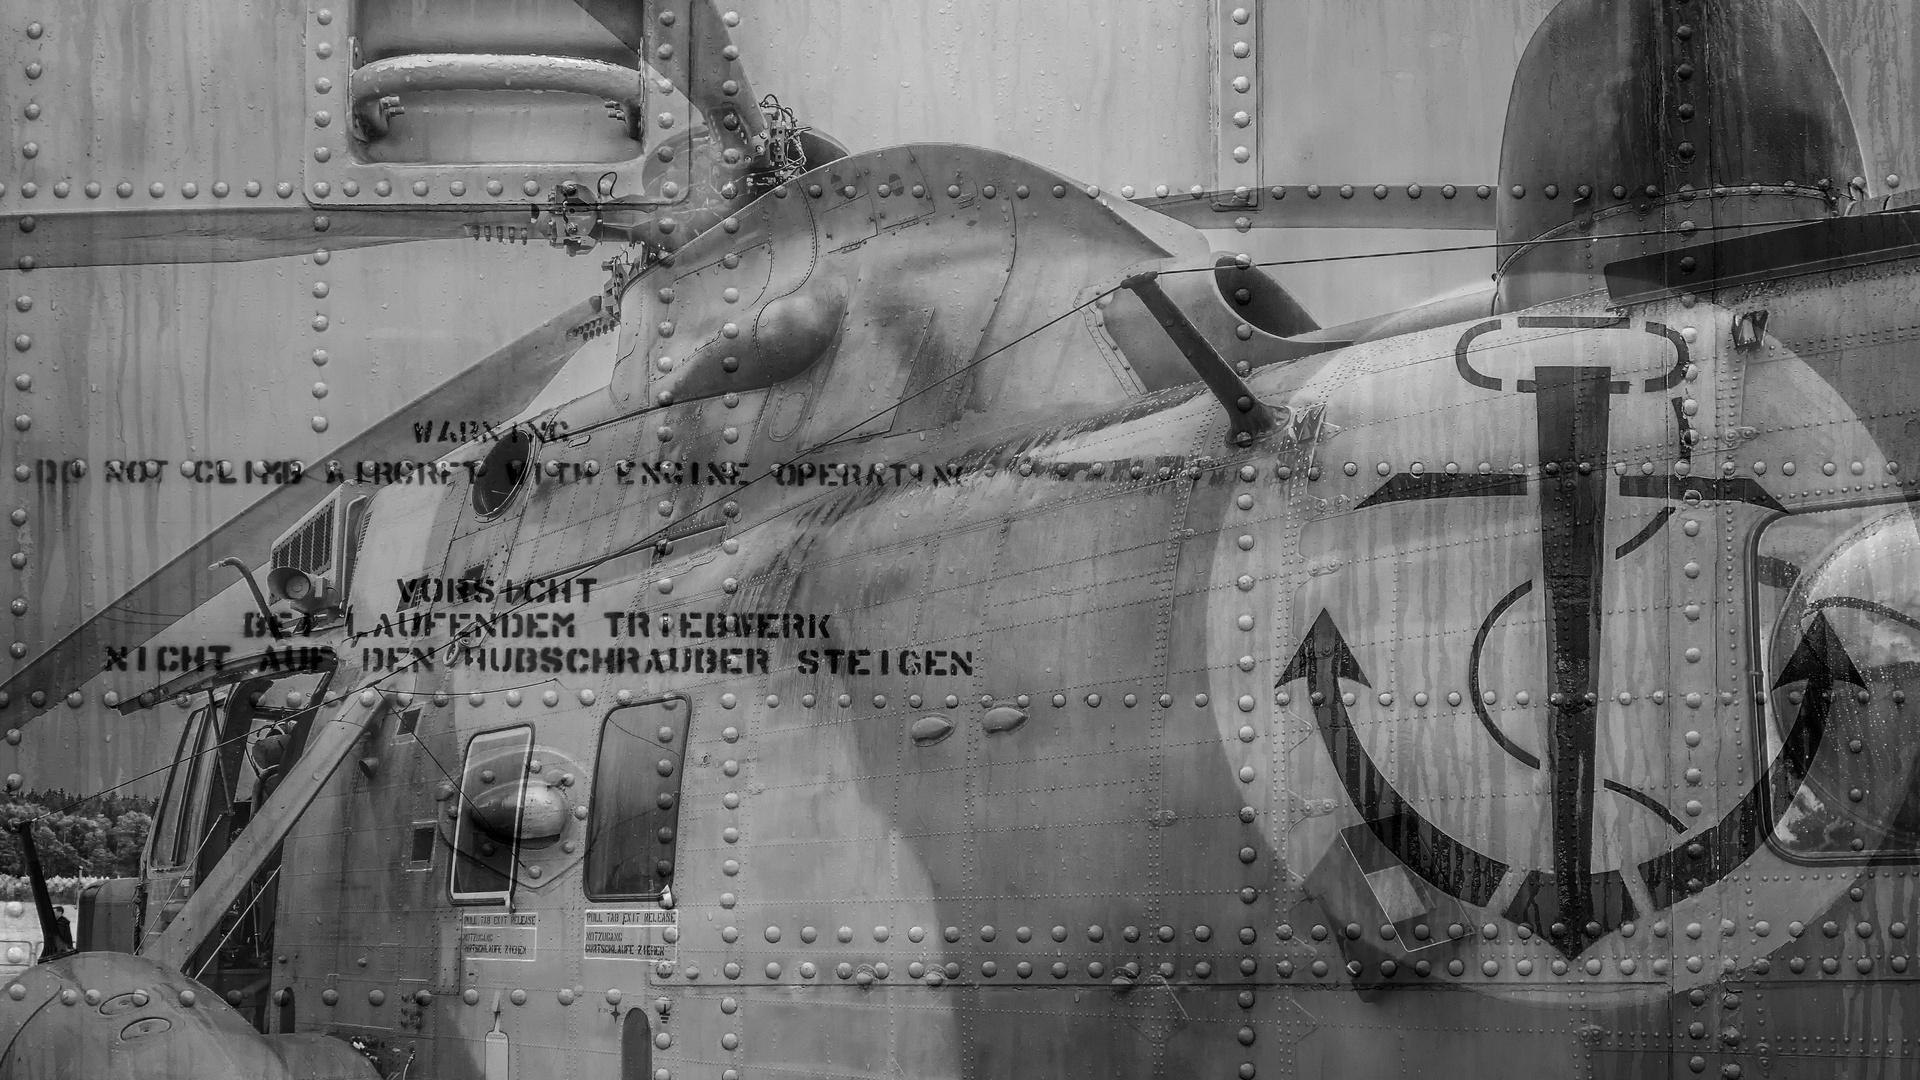 50 Jahre Bundespolizei Fuhlendorf - Transporthubschrauber der BW